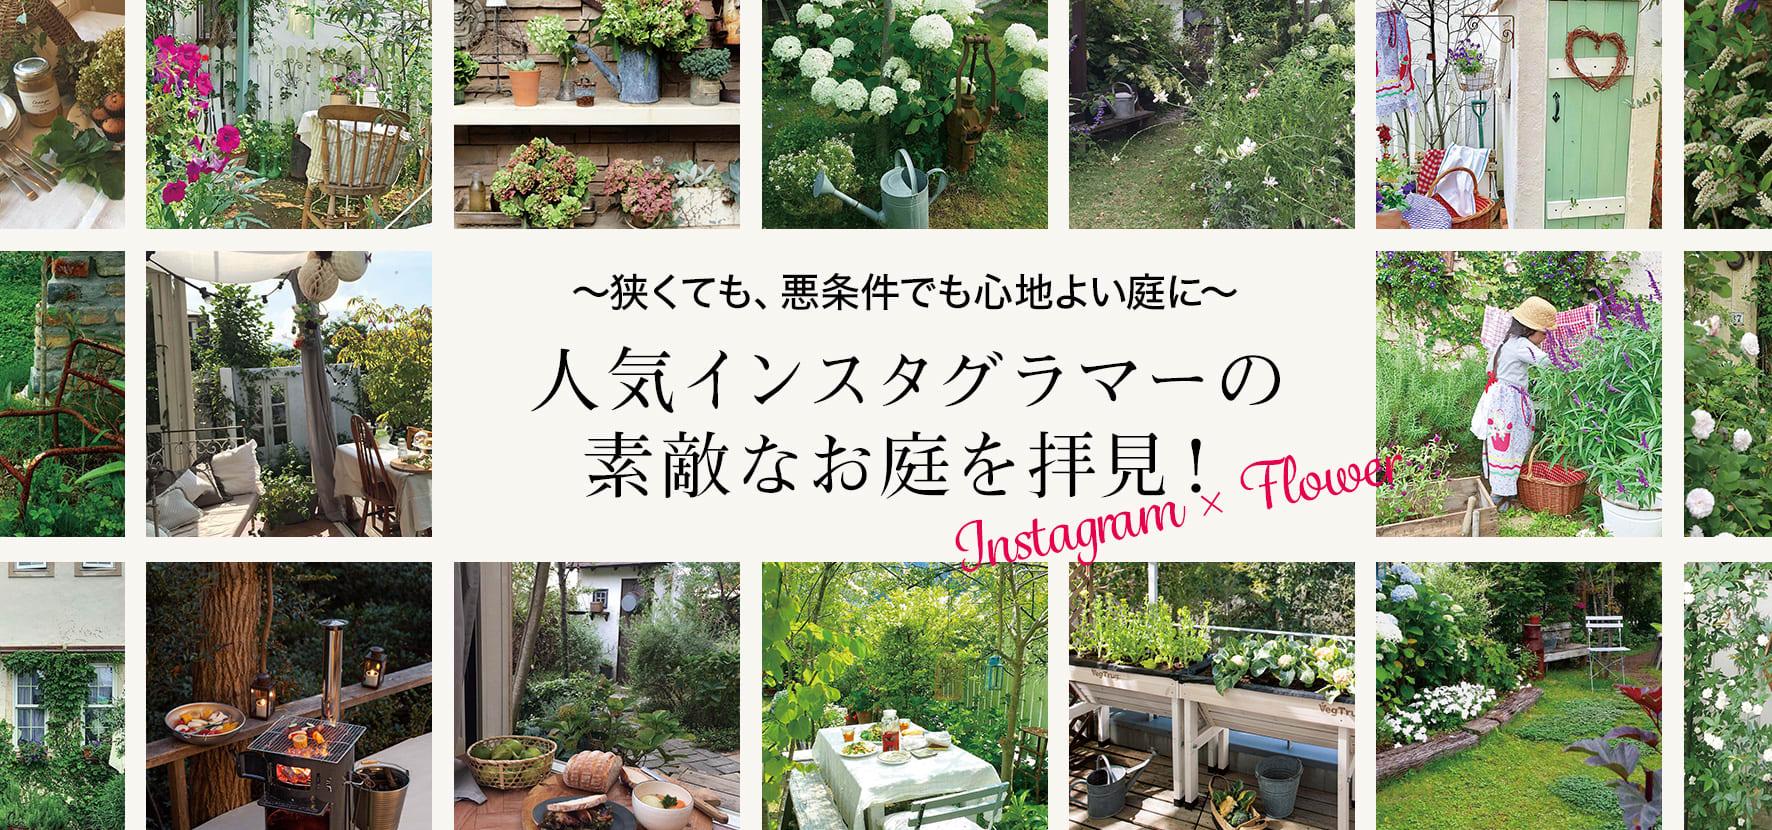 草花が身近にある、豊かな暮らしぶりが人気のインスタグラマーに、インスタグラムでは語りきれない庭づくりへのこだわりを、お庭の写真とともに教えてもらいました。